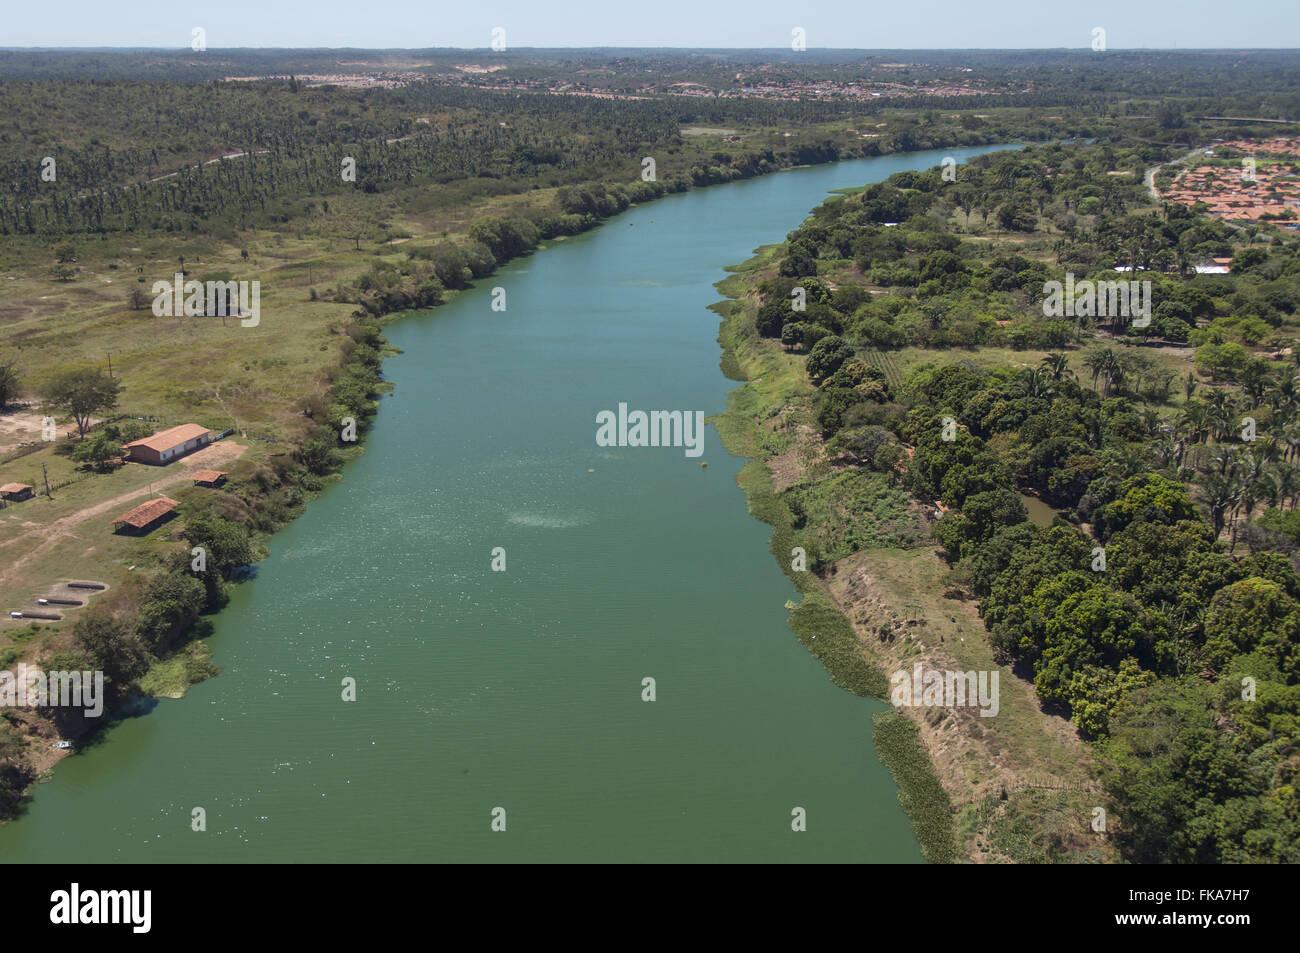 Vista aérea do Rio Poti - zona norte da Cidade Photo Stock